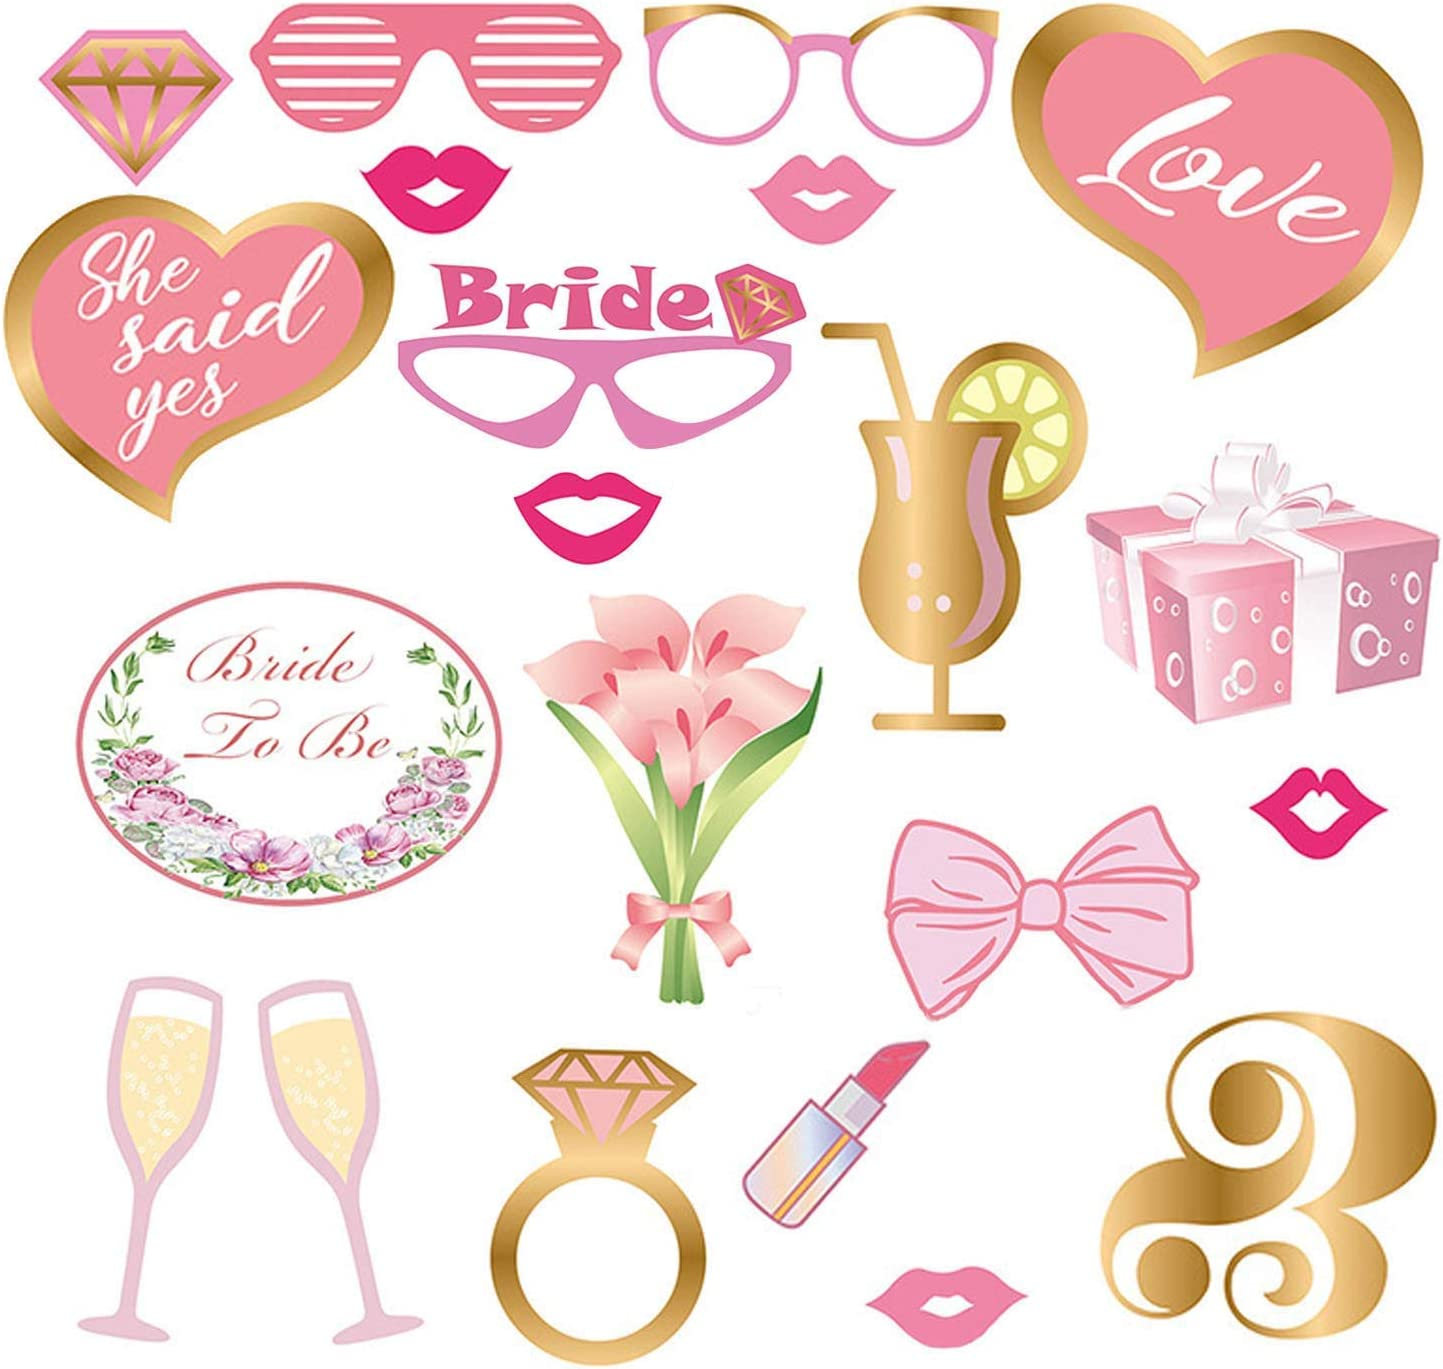 ANBET 21 PZ Matrimonio Photo Booth Puntelli Sposa per Essere Photo Posing Prop Divertente DIY Selfie Puntelli per Wedding Engagement Bridal Shower Party Favore